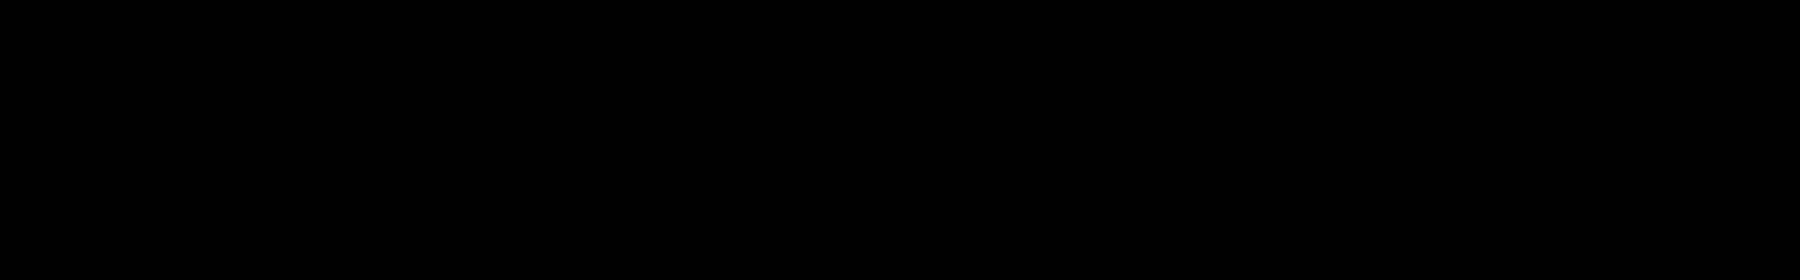 ODZA 2 audio waveform